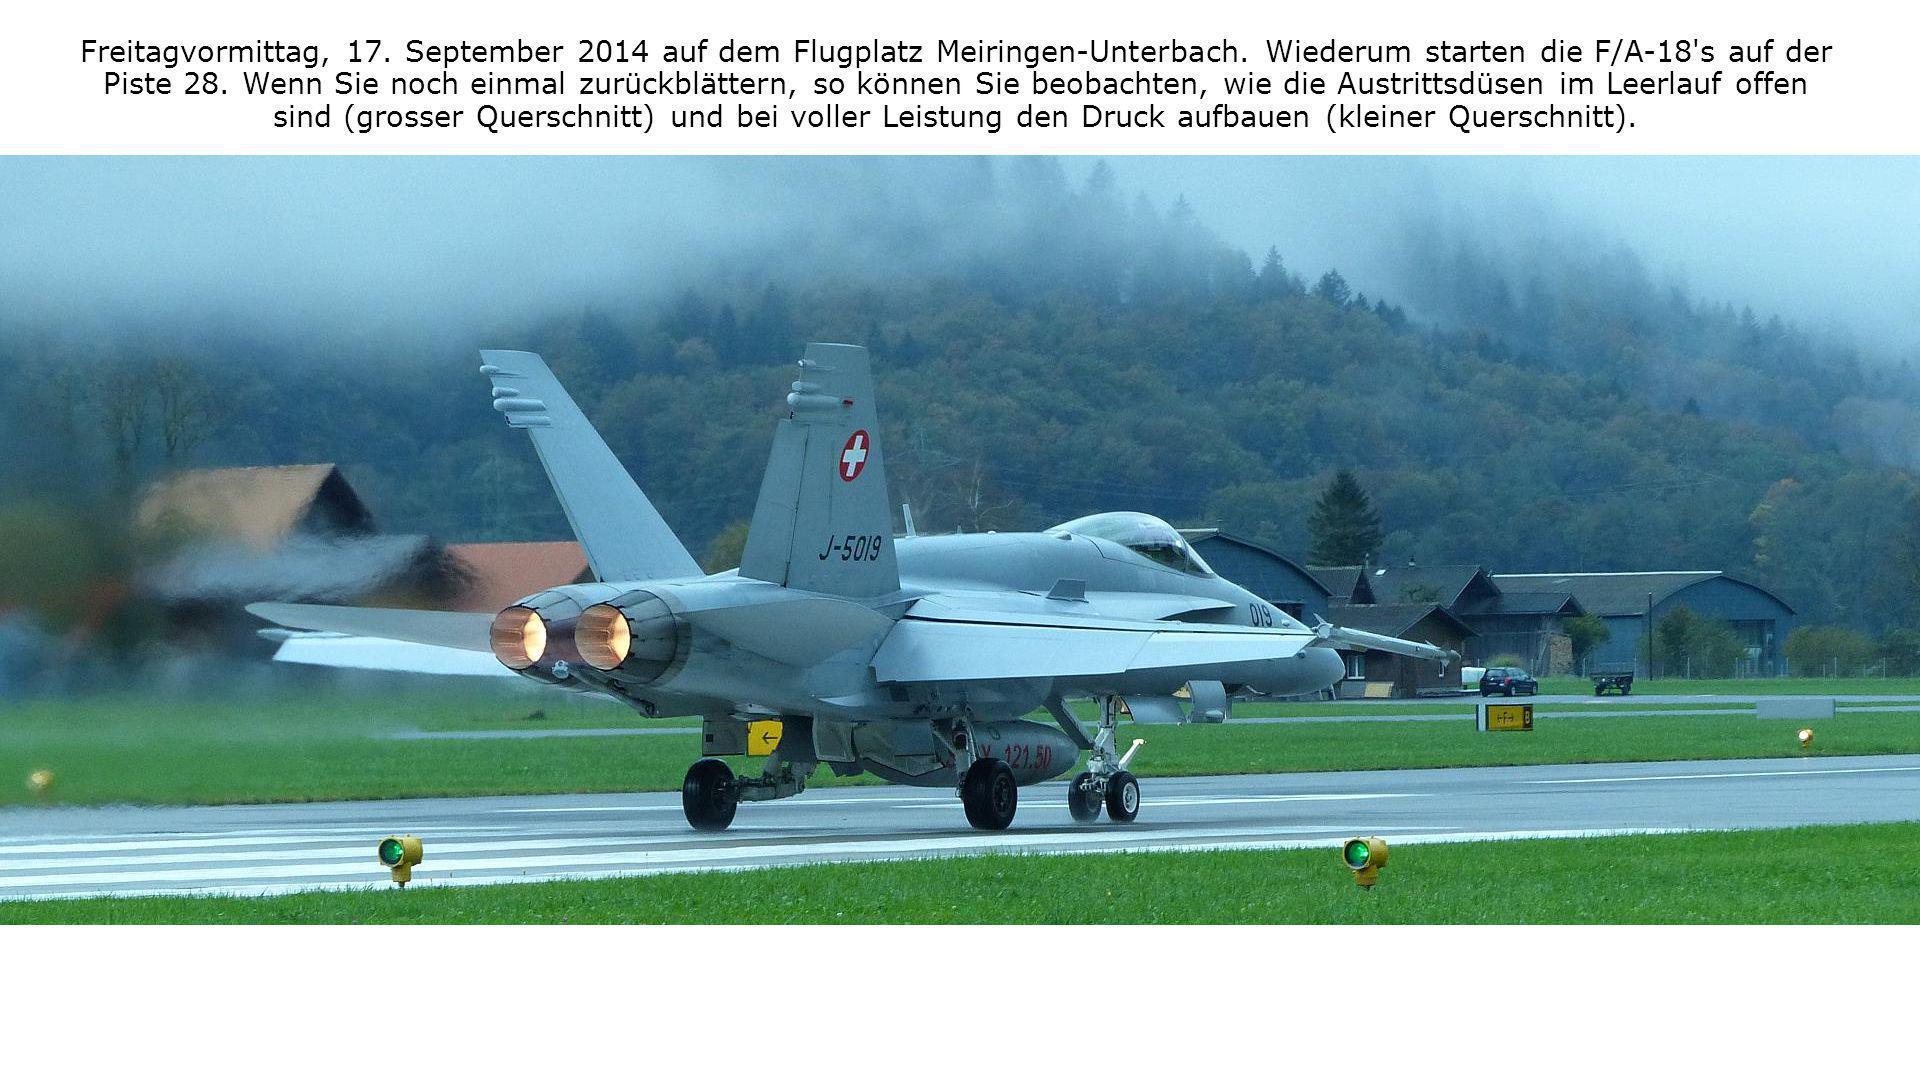 Freitagvormittag, 17. September 2014 auf dem Flugplatz Meiringen-Unterbach. Wiederum starten die F/A-18's auf der Piste 28. Wenn Sie noch einmal zurüc